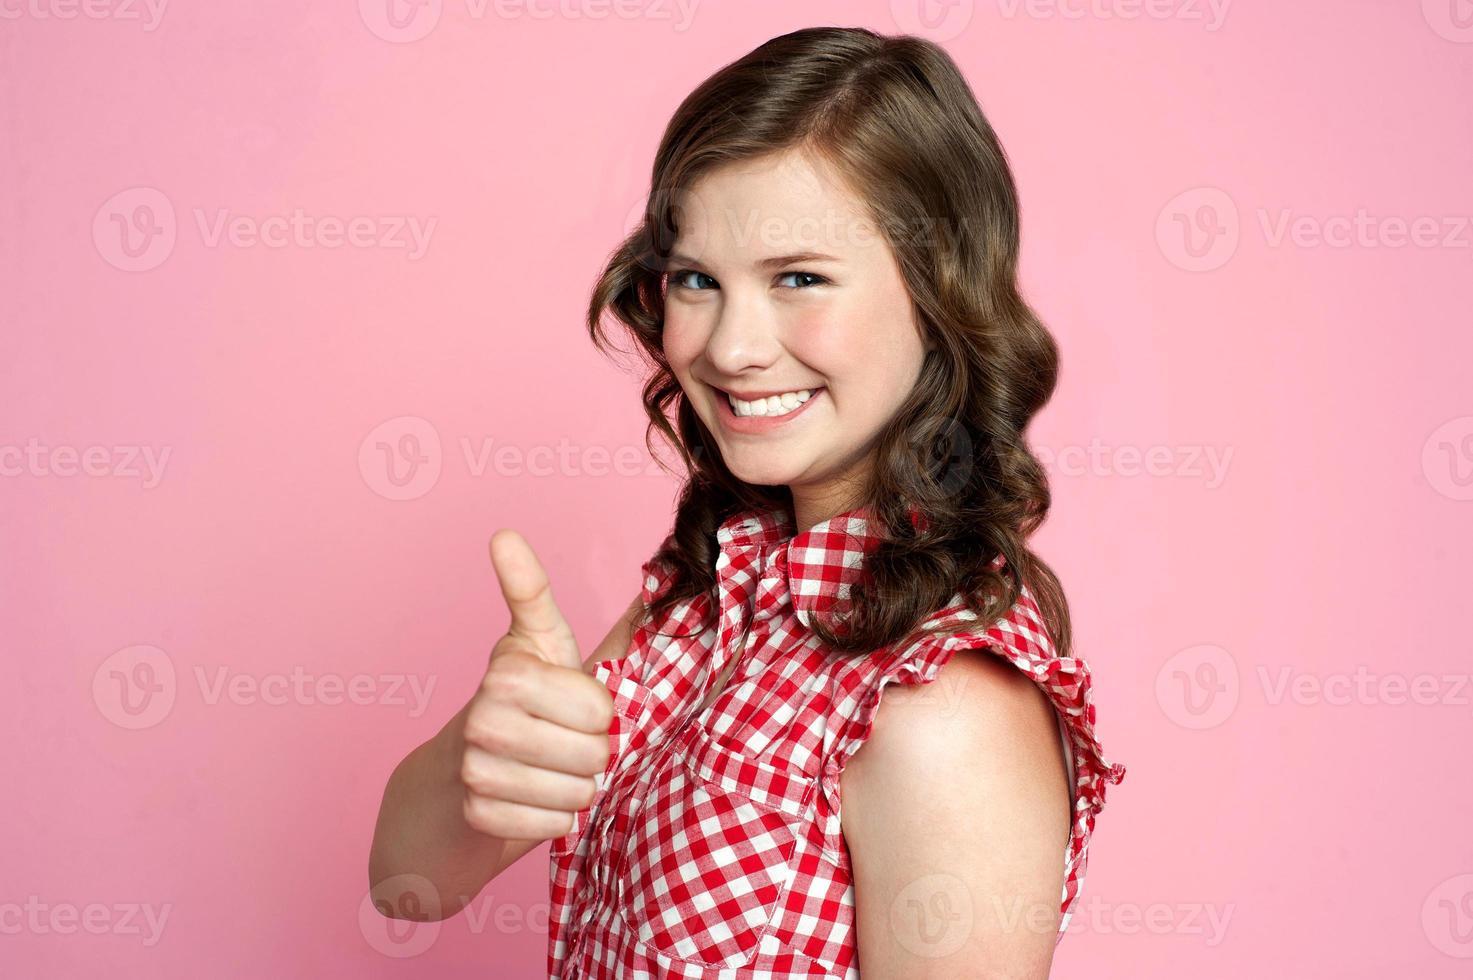 vacker leende flicka med ok gest foto